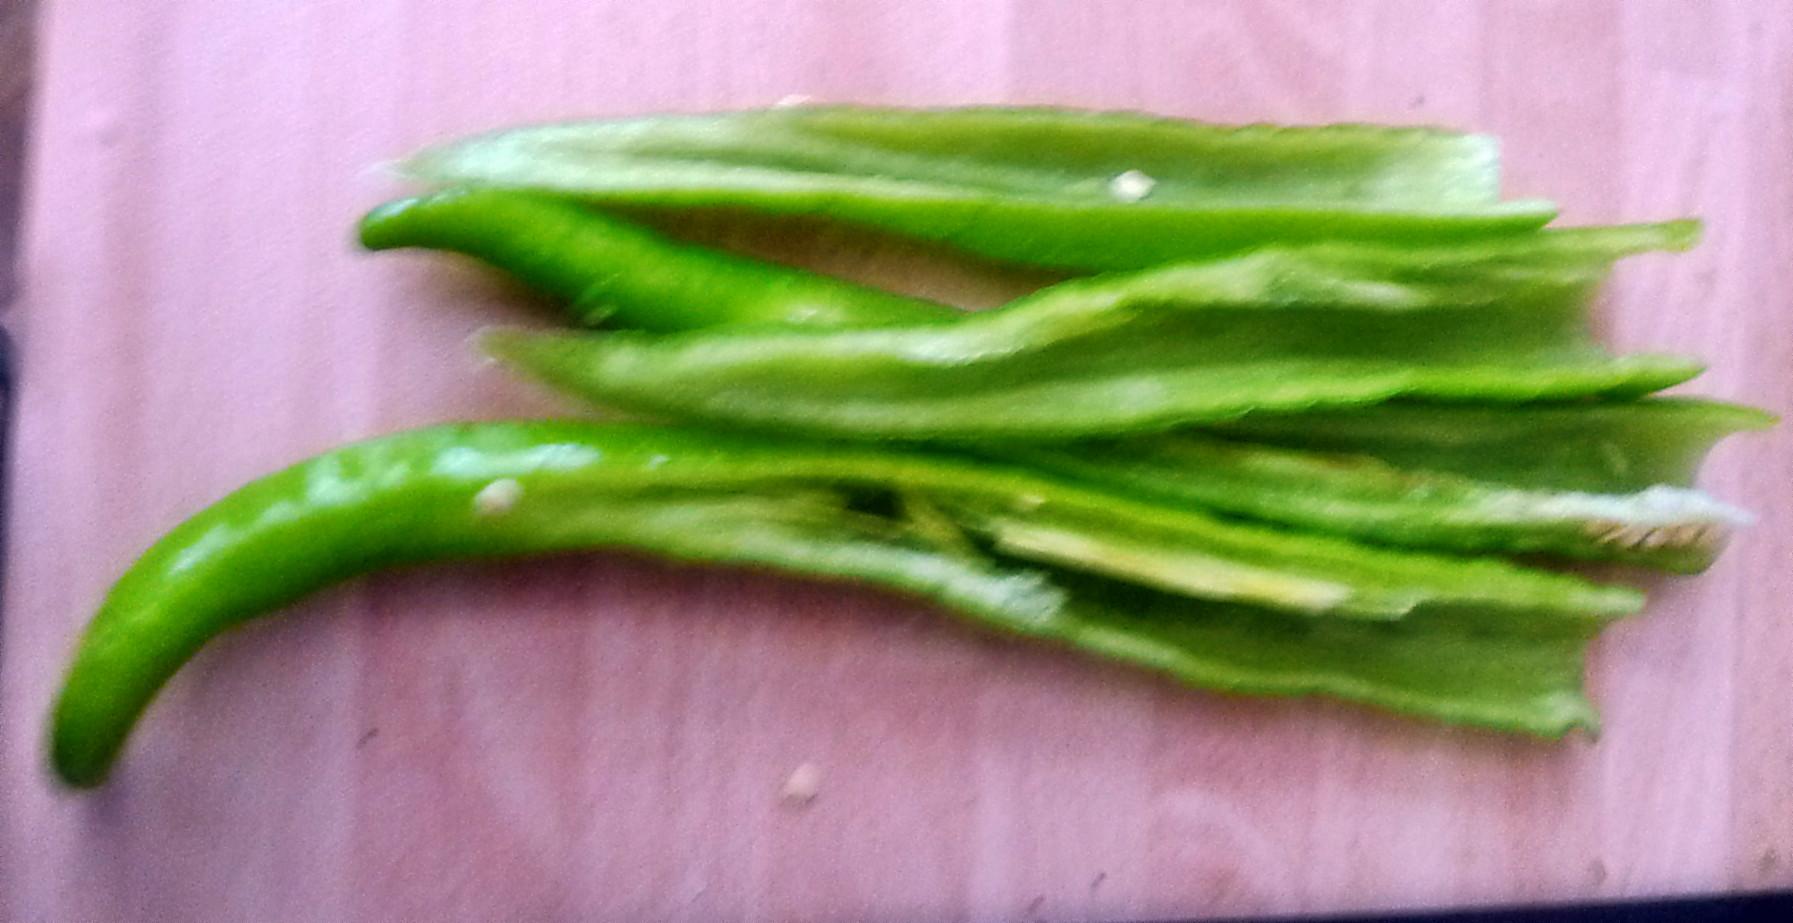 Gemüsepfanne-Dip-Bratkartoffel-21.7.14   (2)